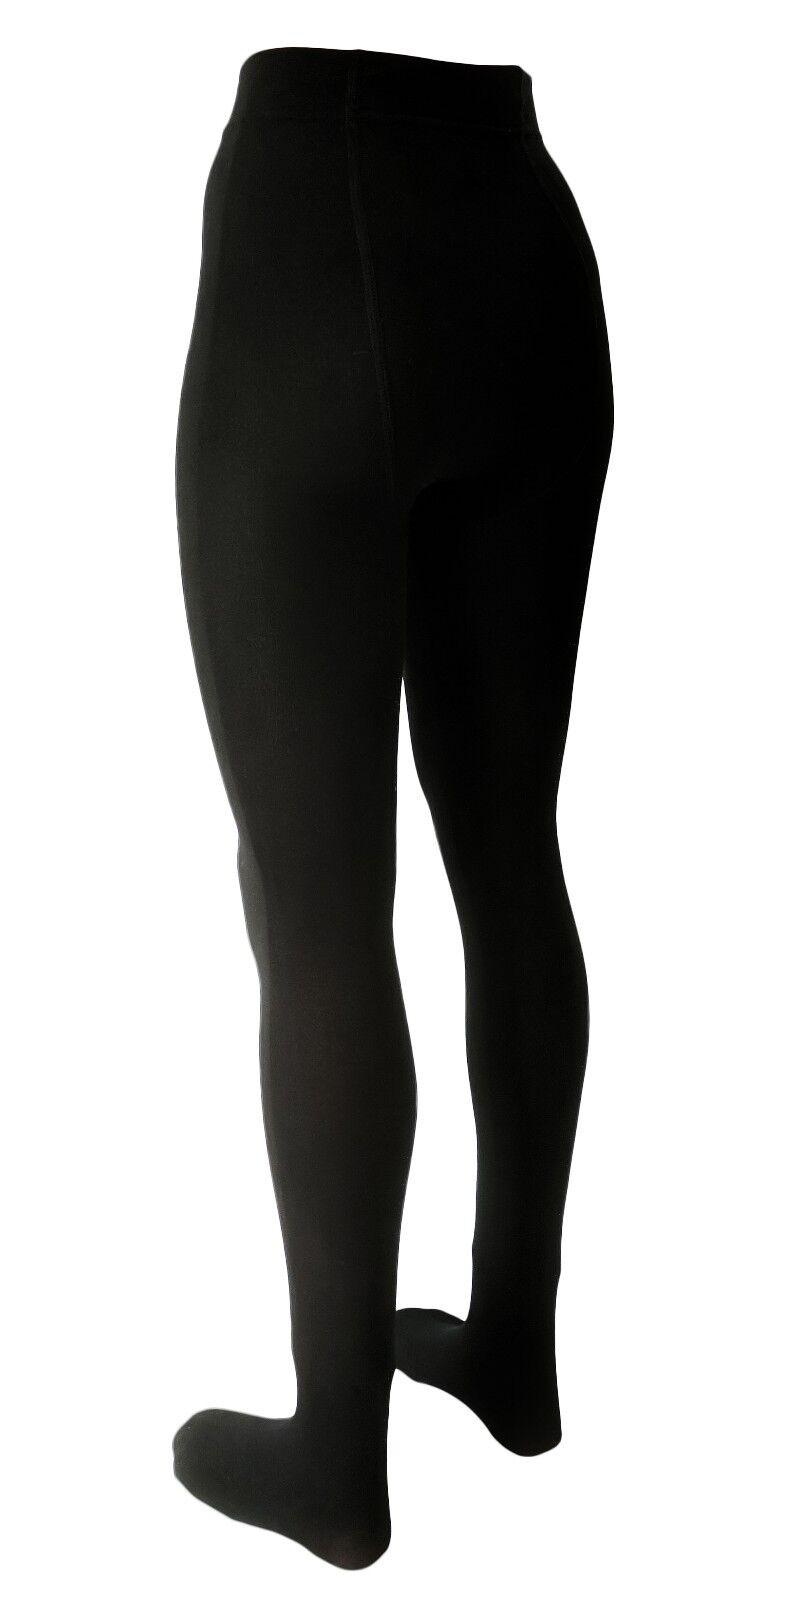 3 Strick-Strumpfhosen Thermo-Strumpfhosen für Damen in schwarz! mit Innenfleece